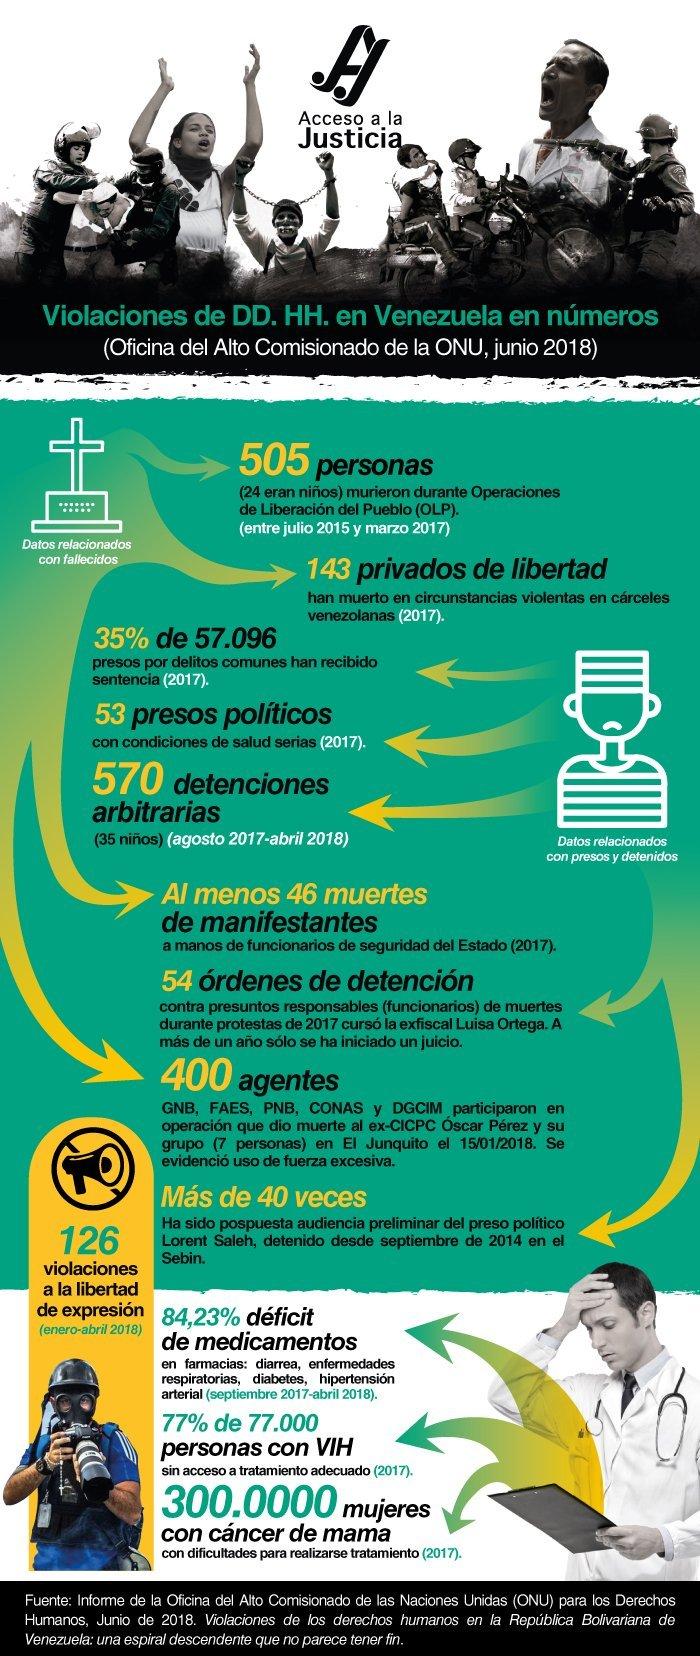 Violaciones de DD. HH. en Venezuela según la ONU